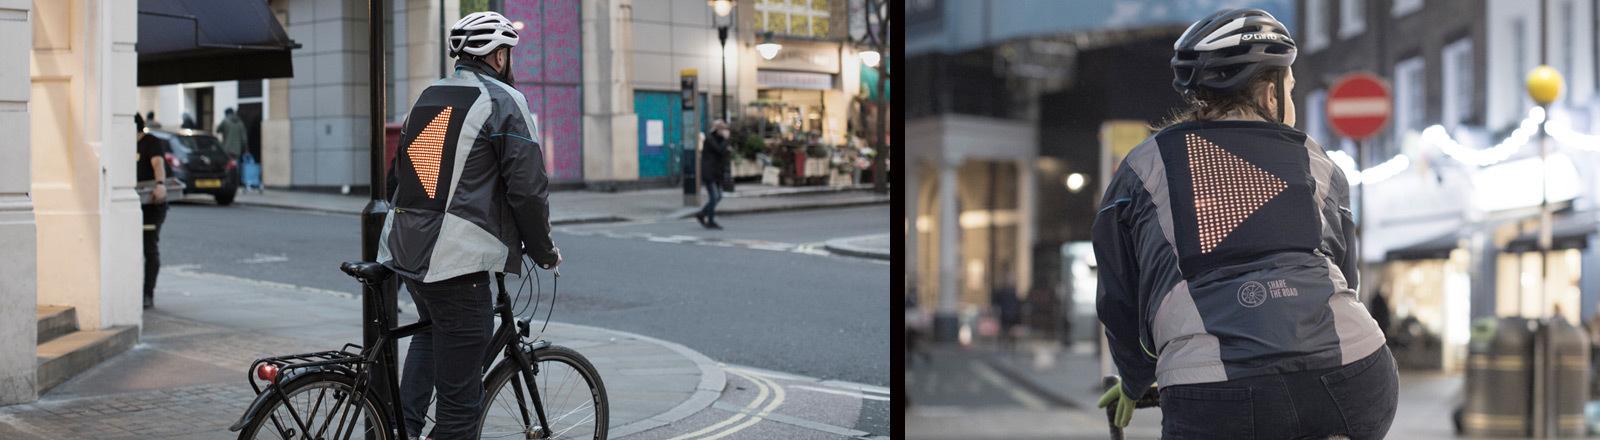 Ein Fahrradfahrer mit einer Jacke, die blinken kann